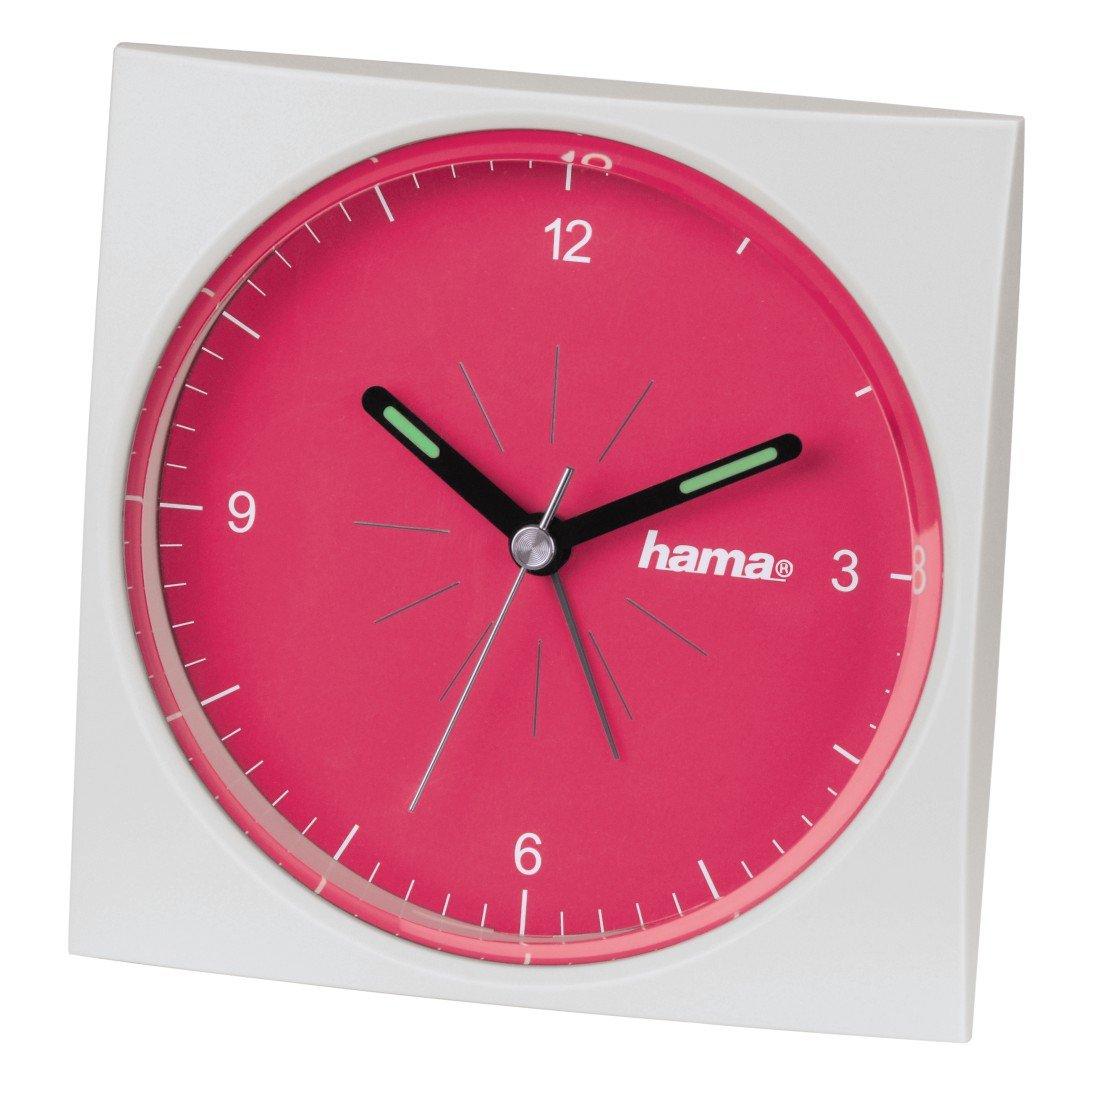 Hama - Sveglia da viaggio A400 verde 00113975